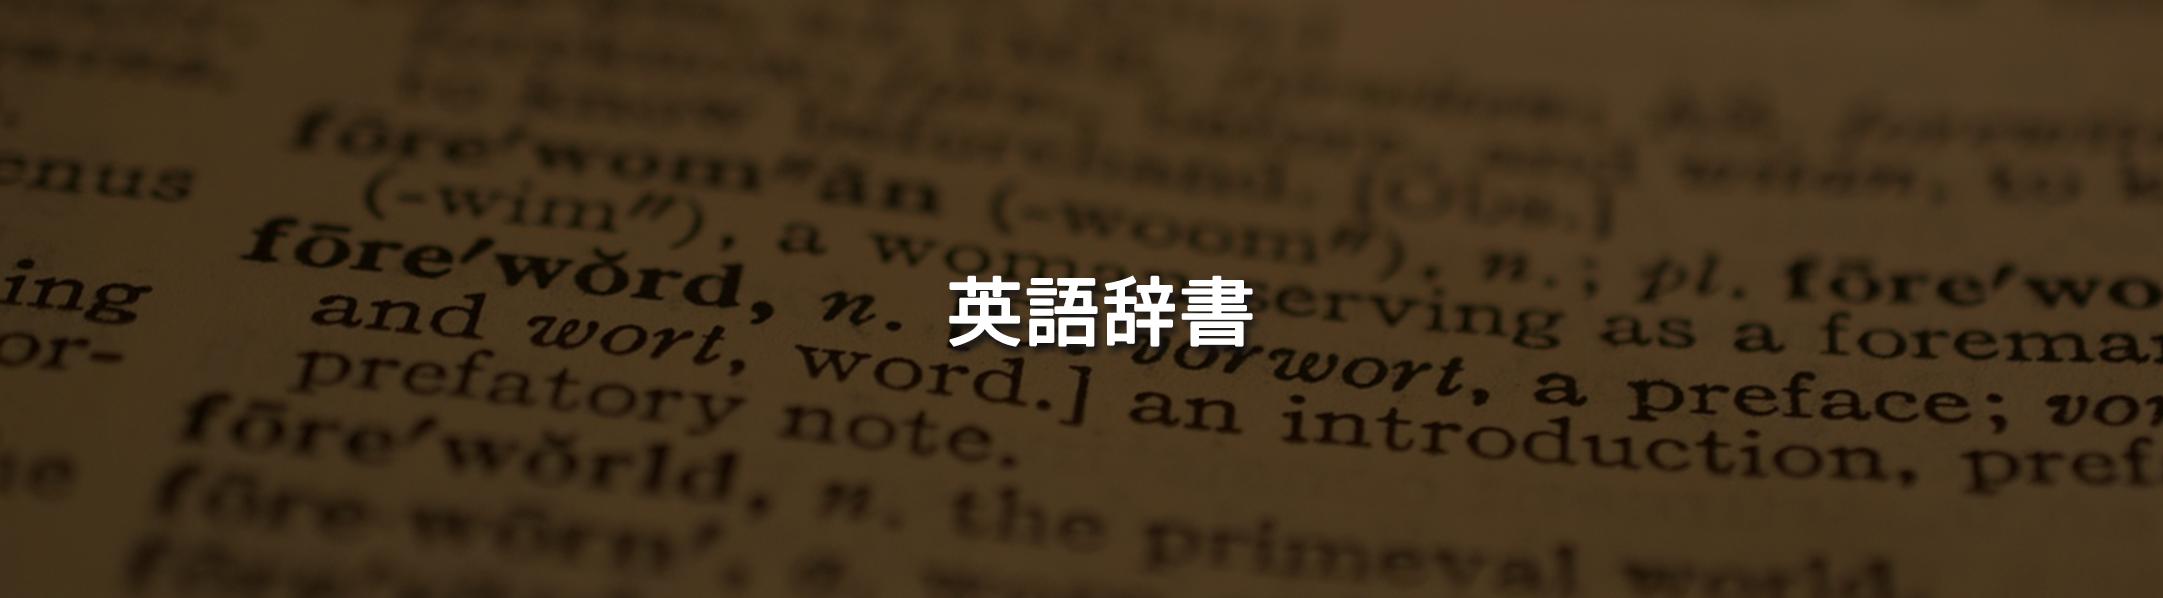 英語辞書のイメージ